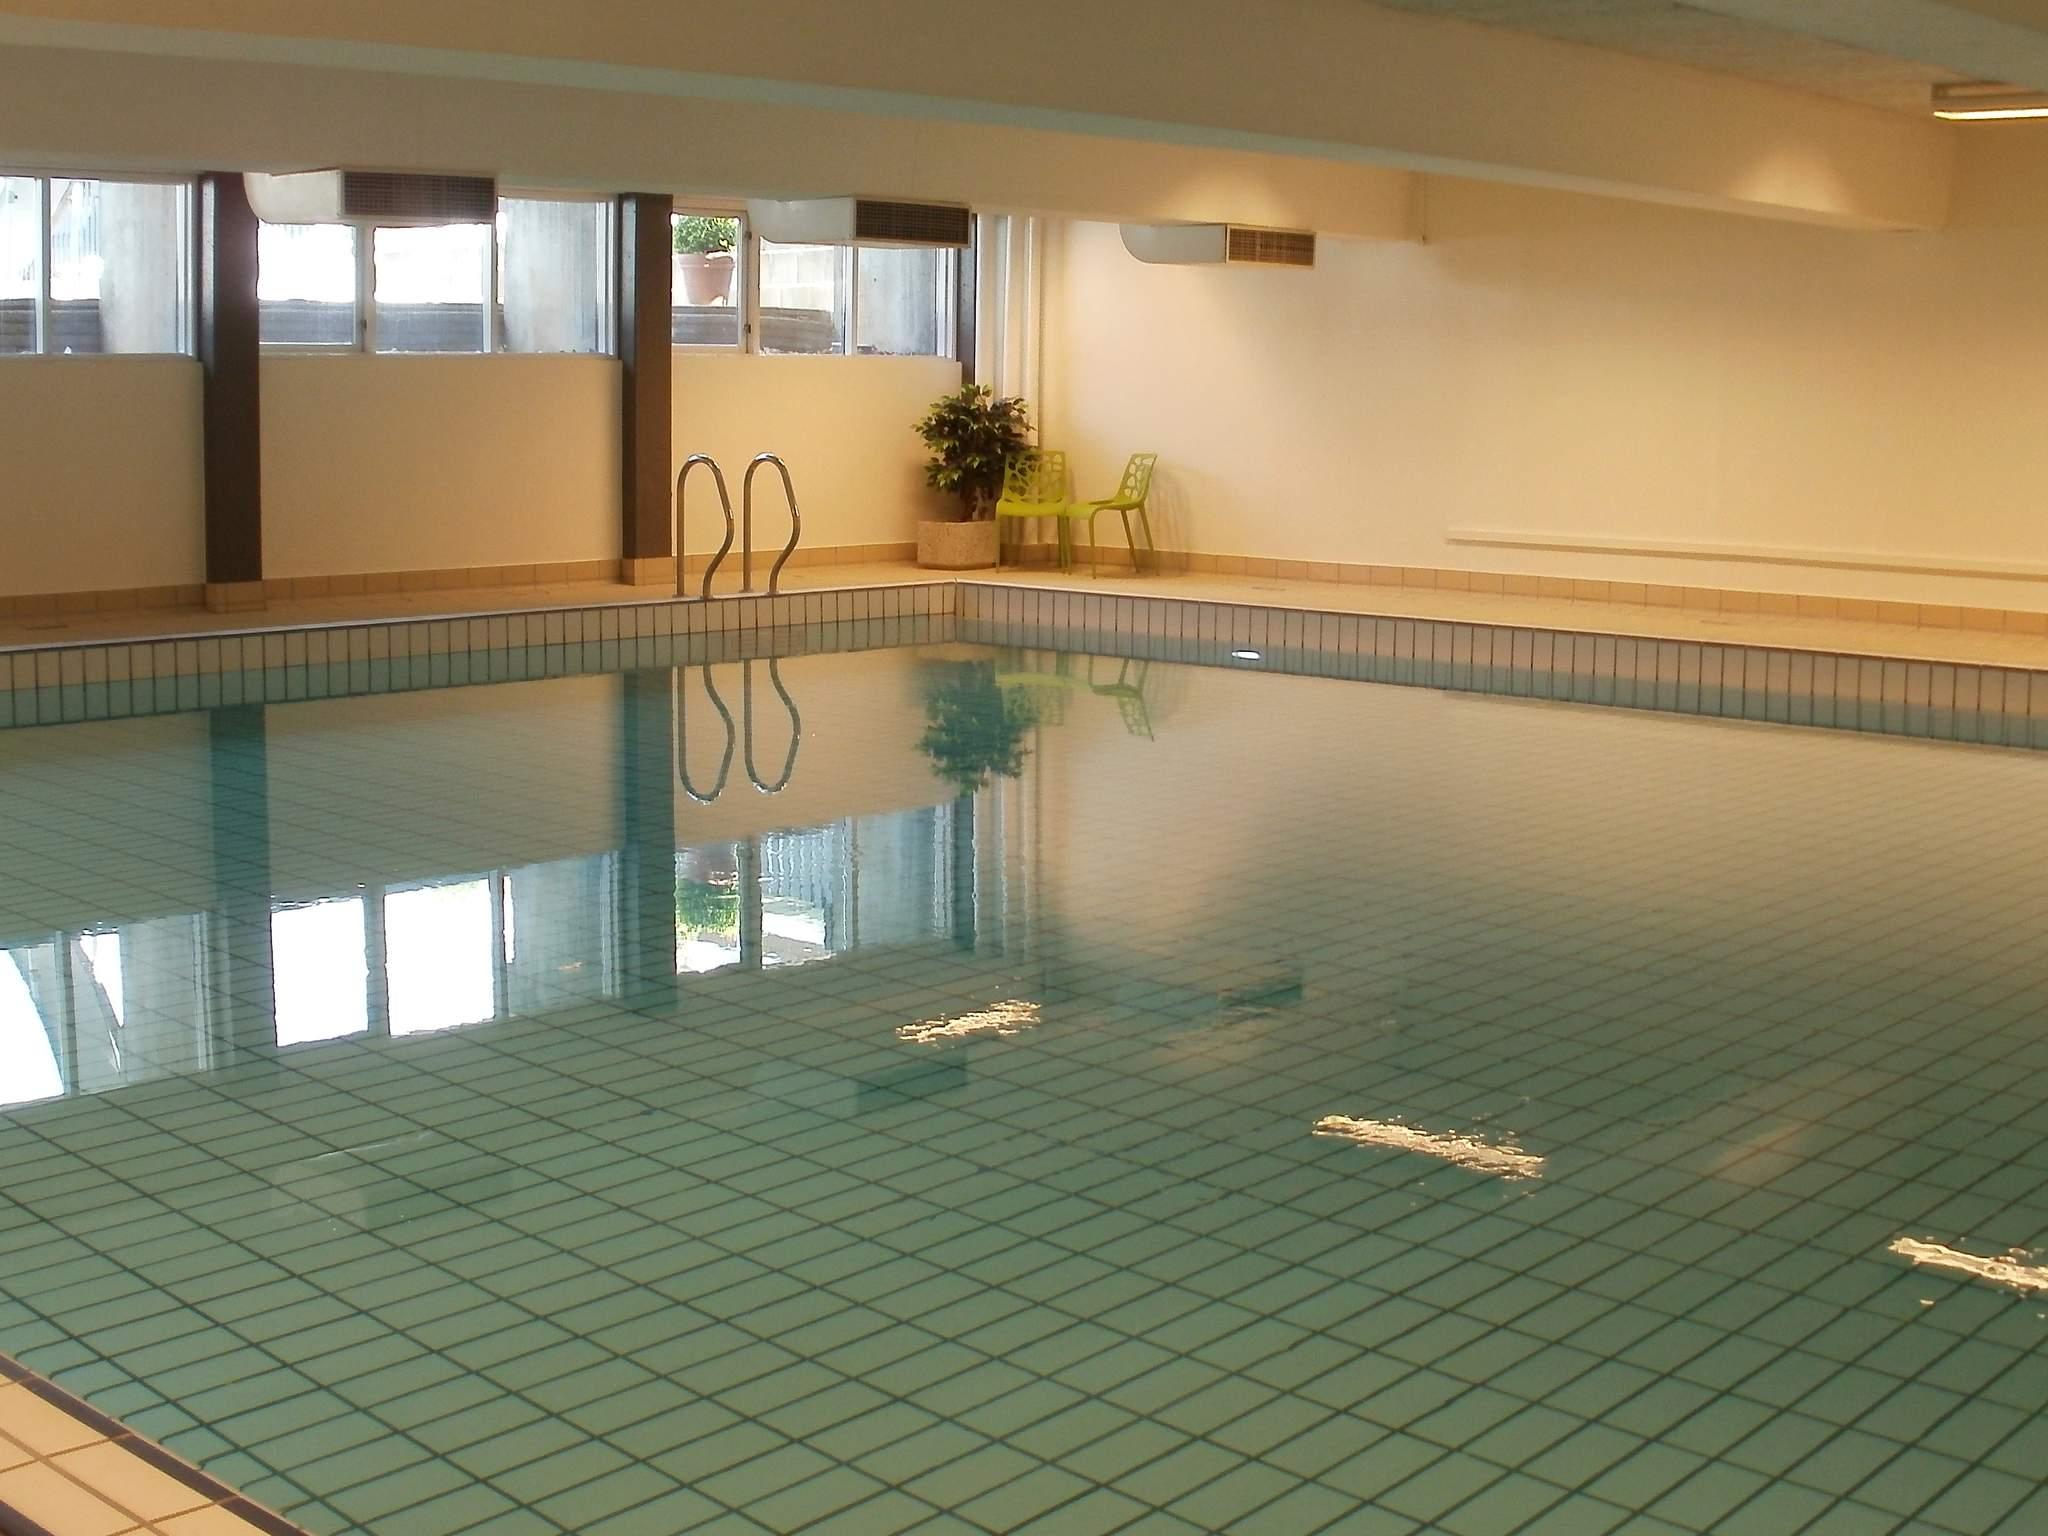 Appartement de vacances Fåborg - Typ 5 - 2 Zimmer,Erdg./1. Stock (1087166), Faaborg, , Fionie, Danemark, image 16